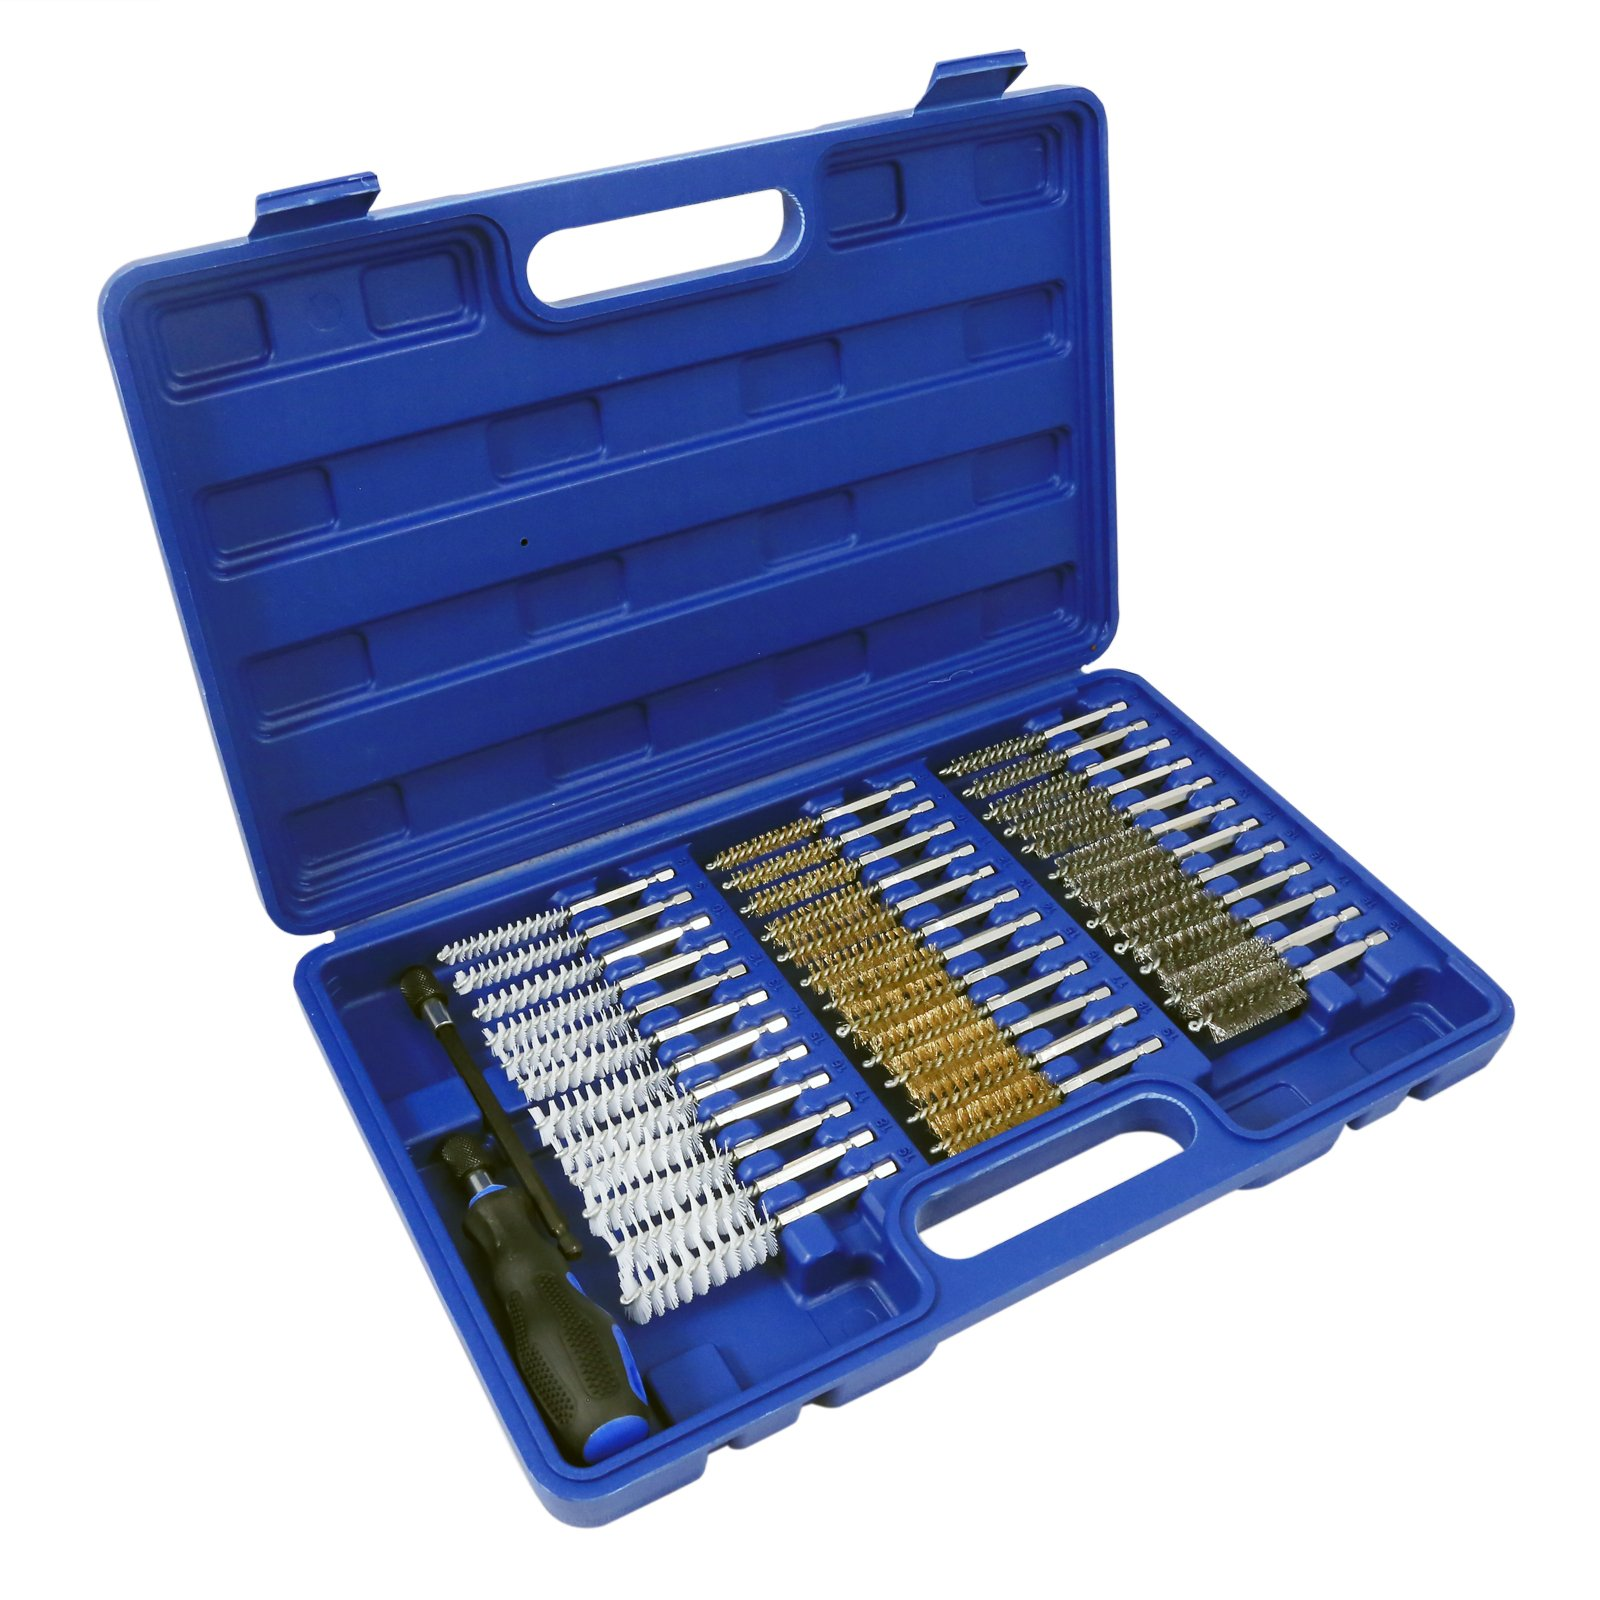 ASR Outdoor Universal Gun Cleaning & Maintenance Brush Carrying Case Kit -38pc